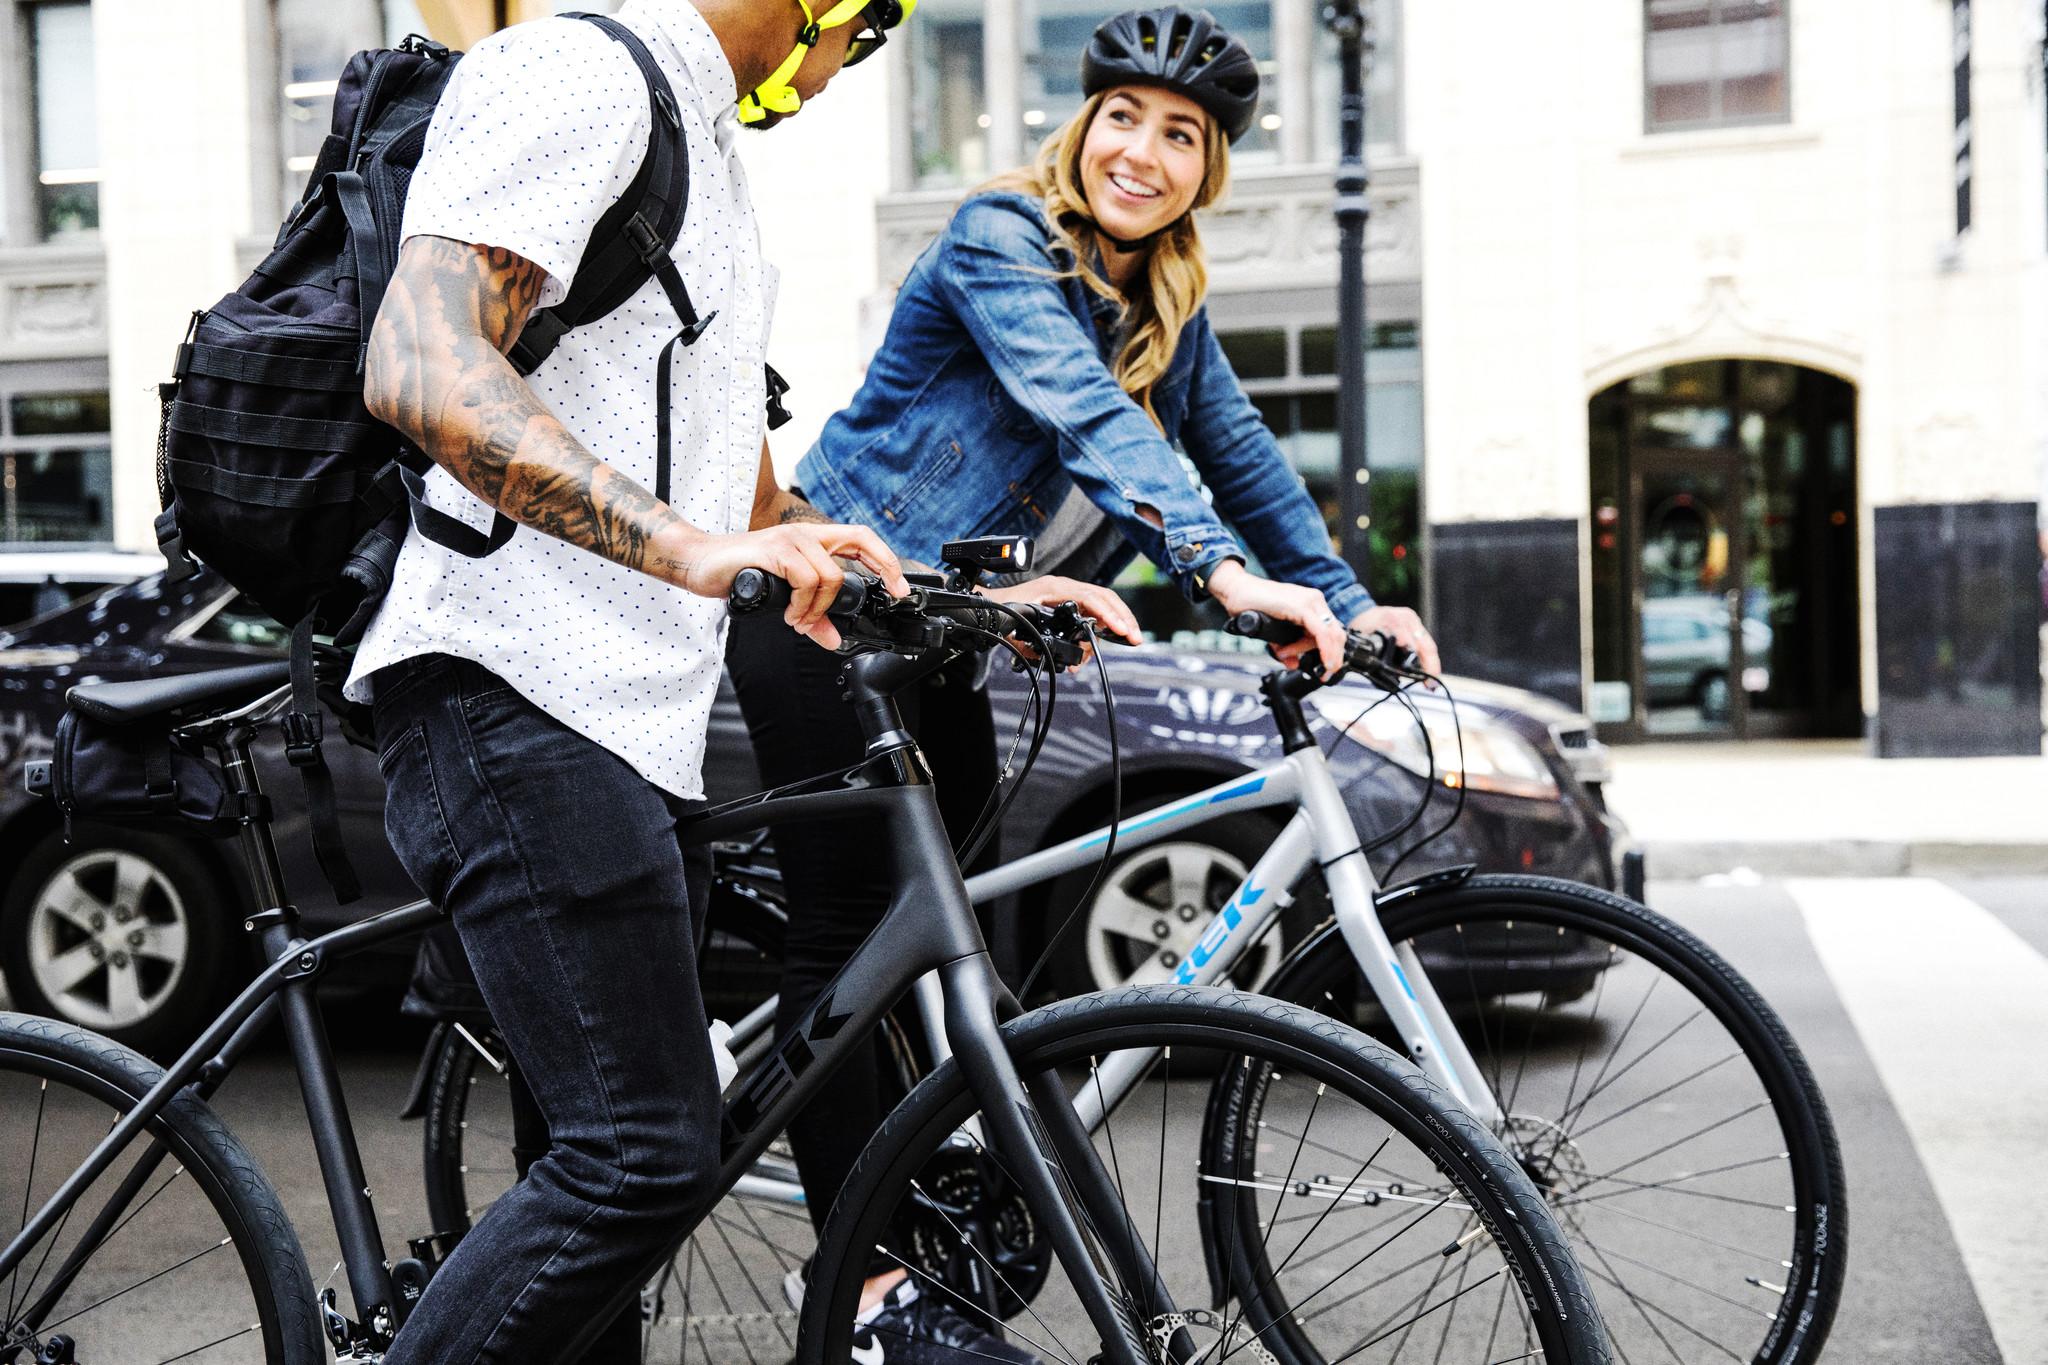 Waarom zou je fietsen naar je werk? De fiets als ultiem vervoermiddel voor woon-werkverkeer.